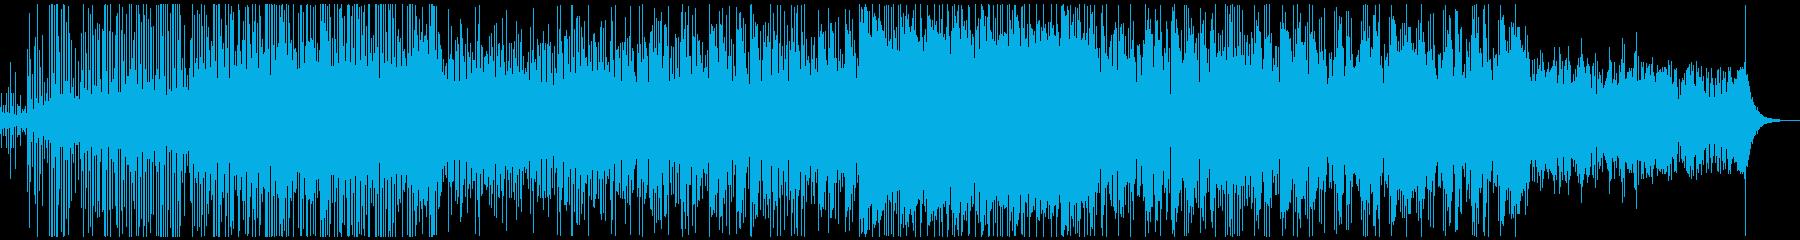 デジタル寄りの緊迫感シネマティック楽曲の再生済みの波形